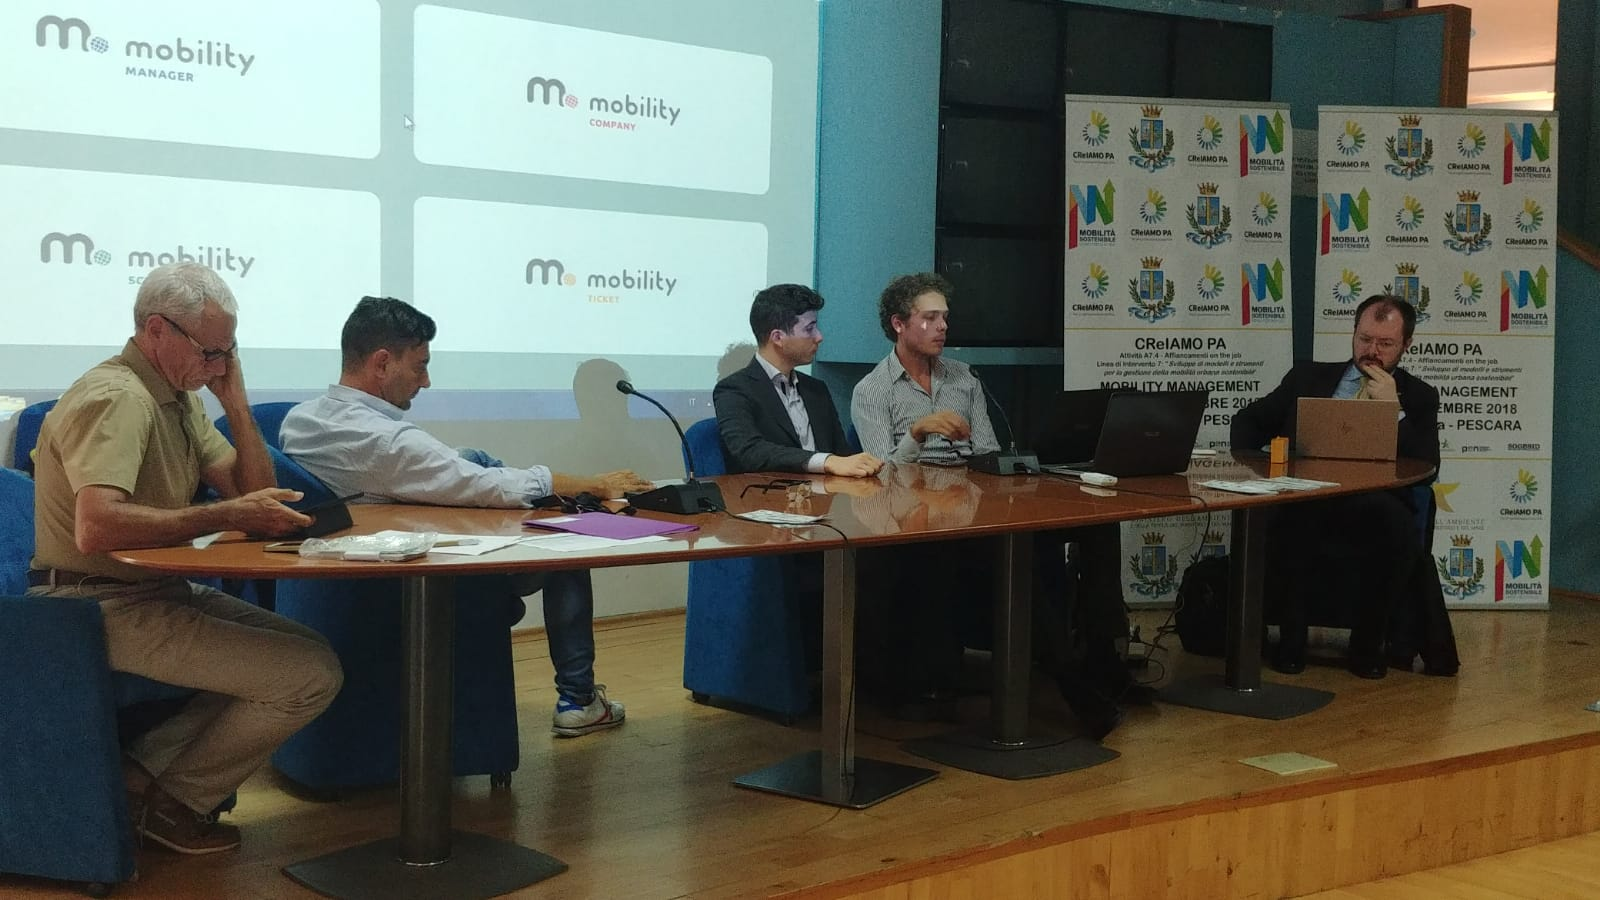 Presentazione del software Mobility School di CReIAMO-PA